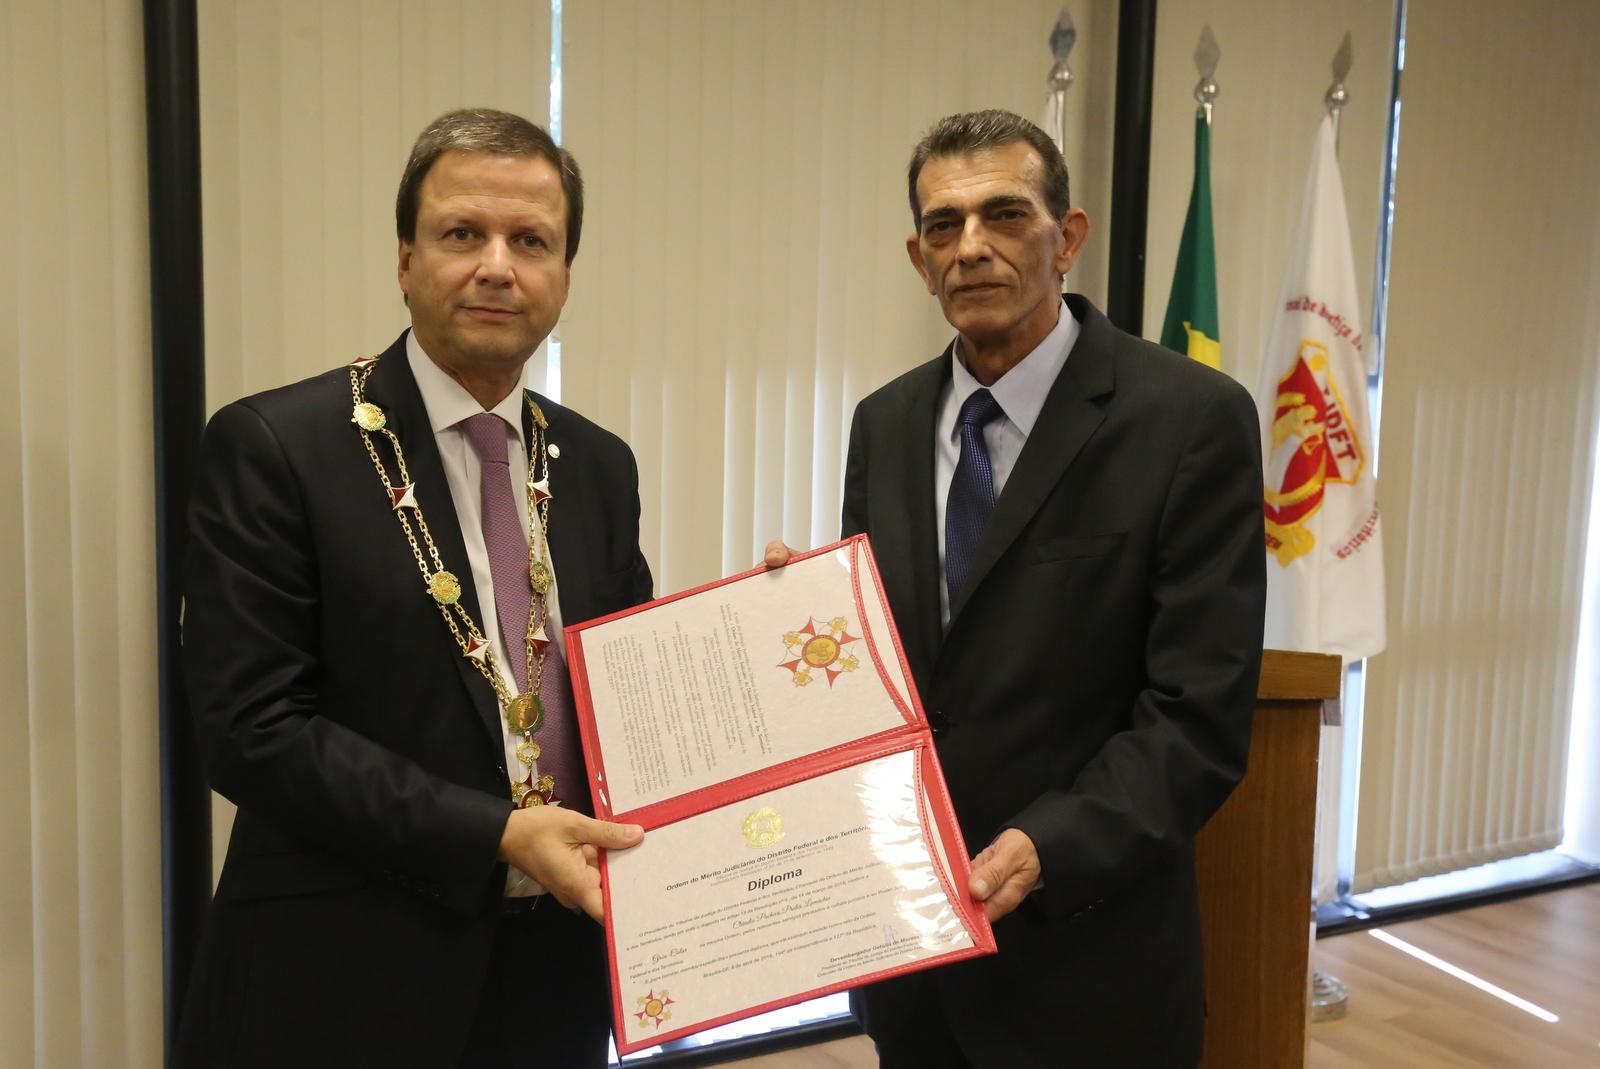 Presidente da OAB recebe medalha da ordem do mérito judiciário do DF